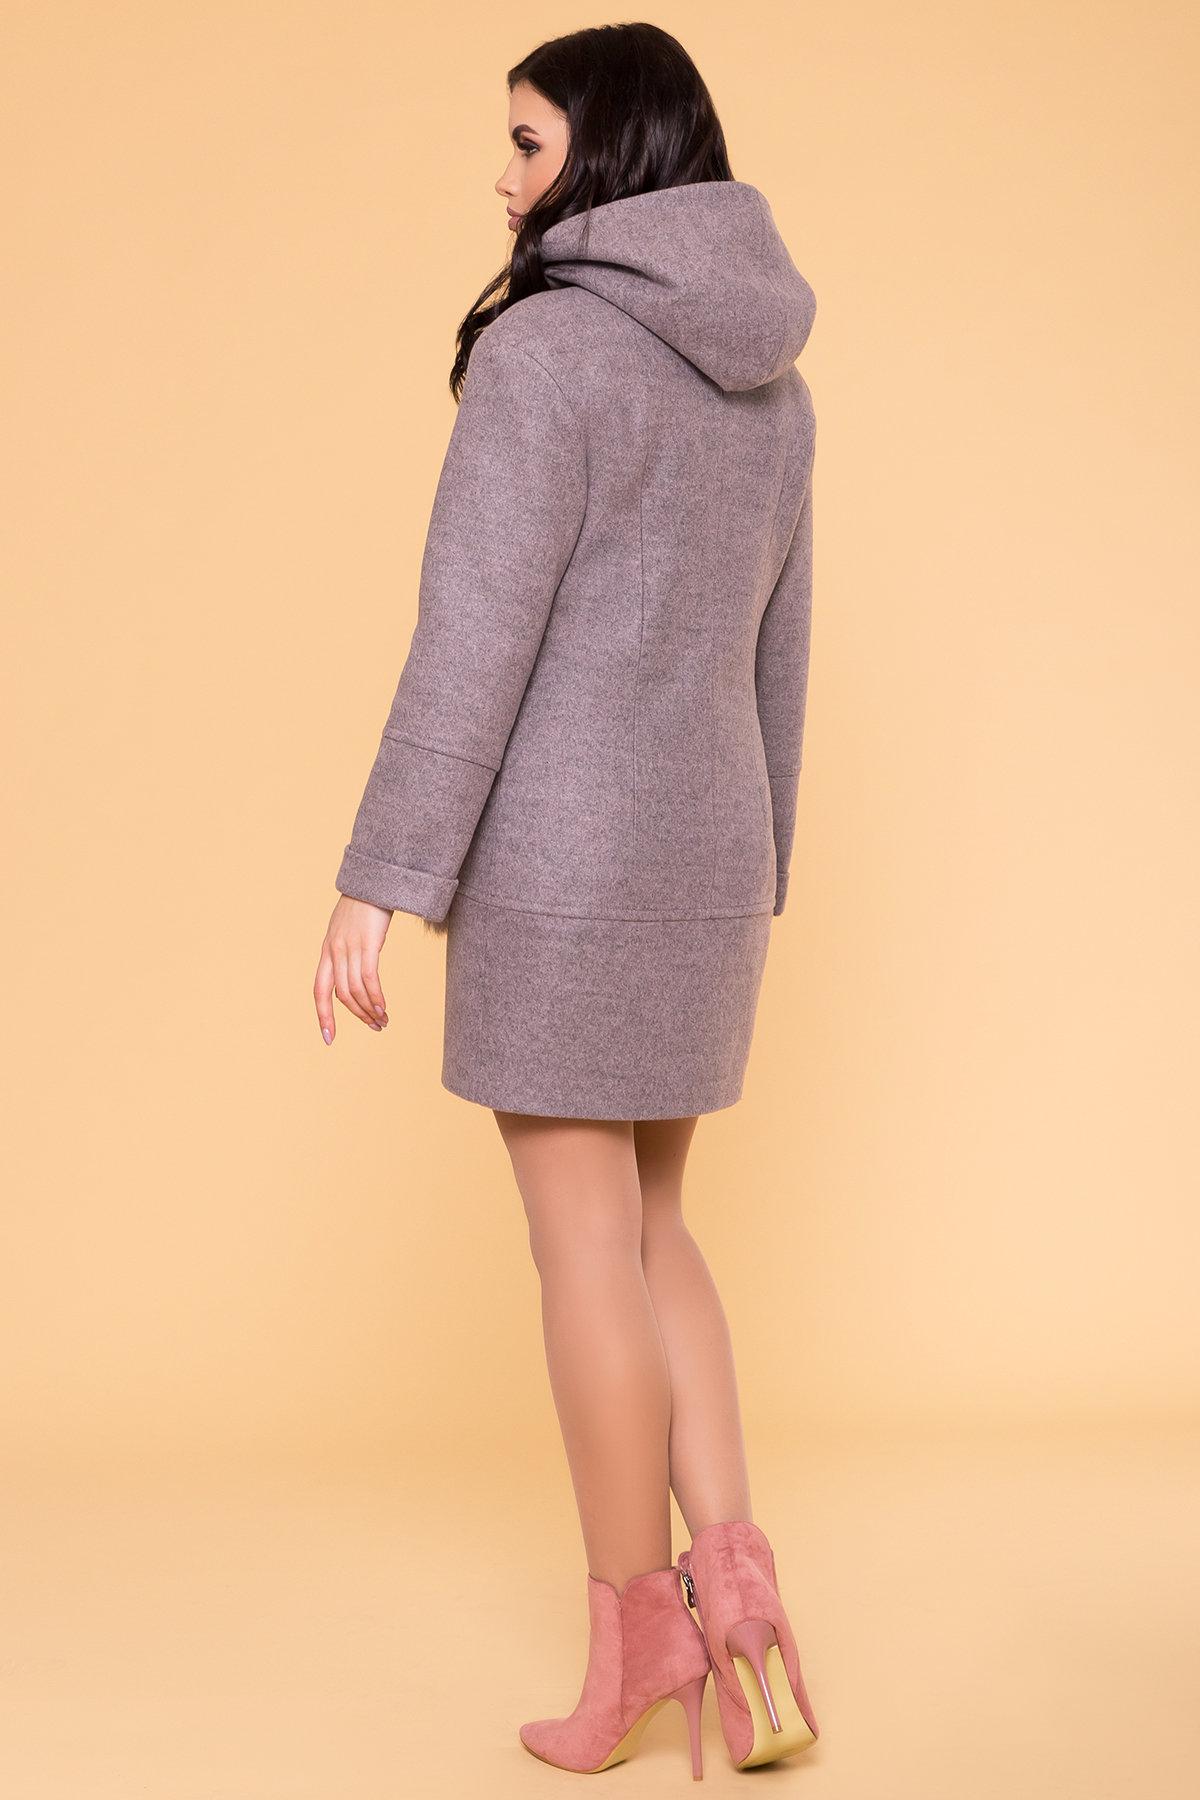 Зимнее пальто с меховыми карманами Анита 3820 АРТ. 40745 Цвет: Серо-розовый 19 - фото 2, интернет магазин tm-modus.ru